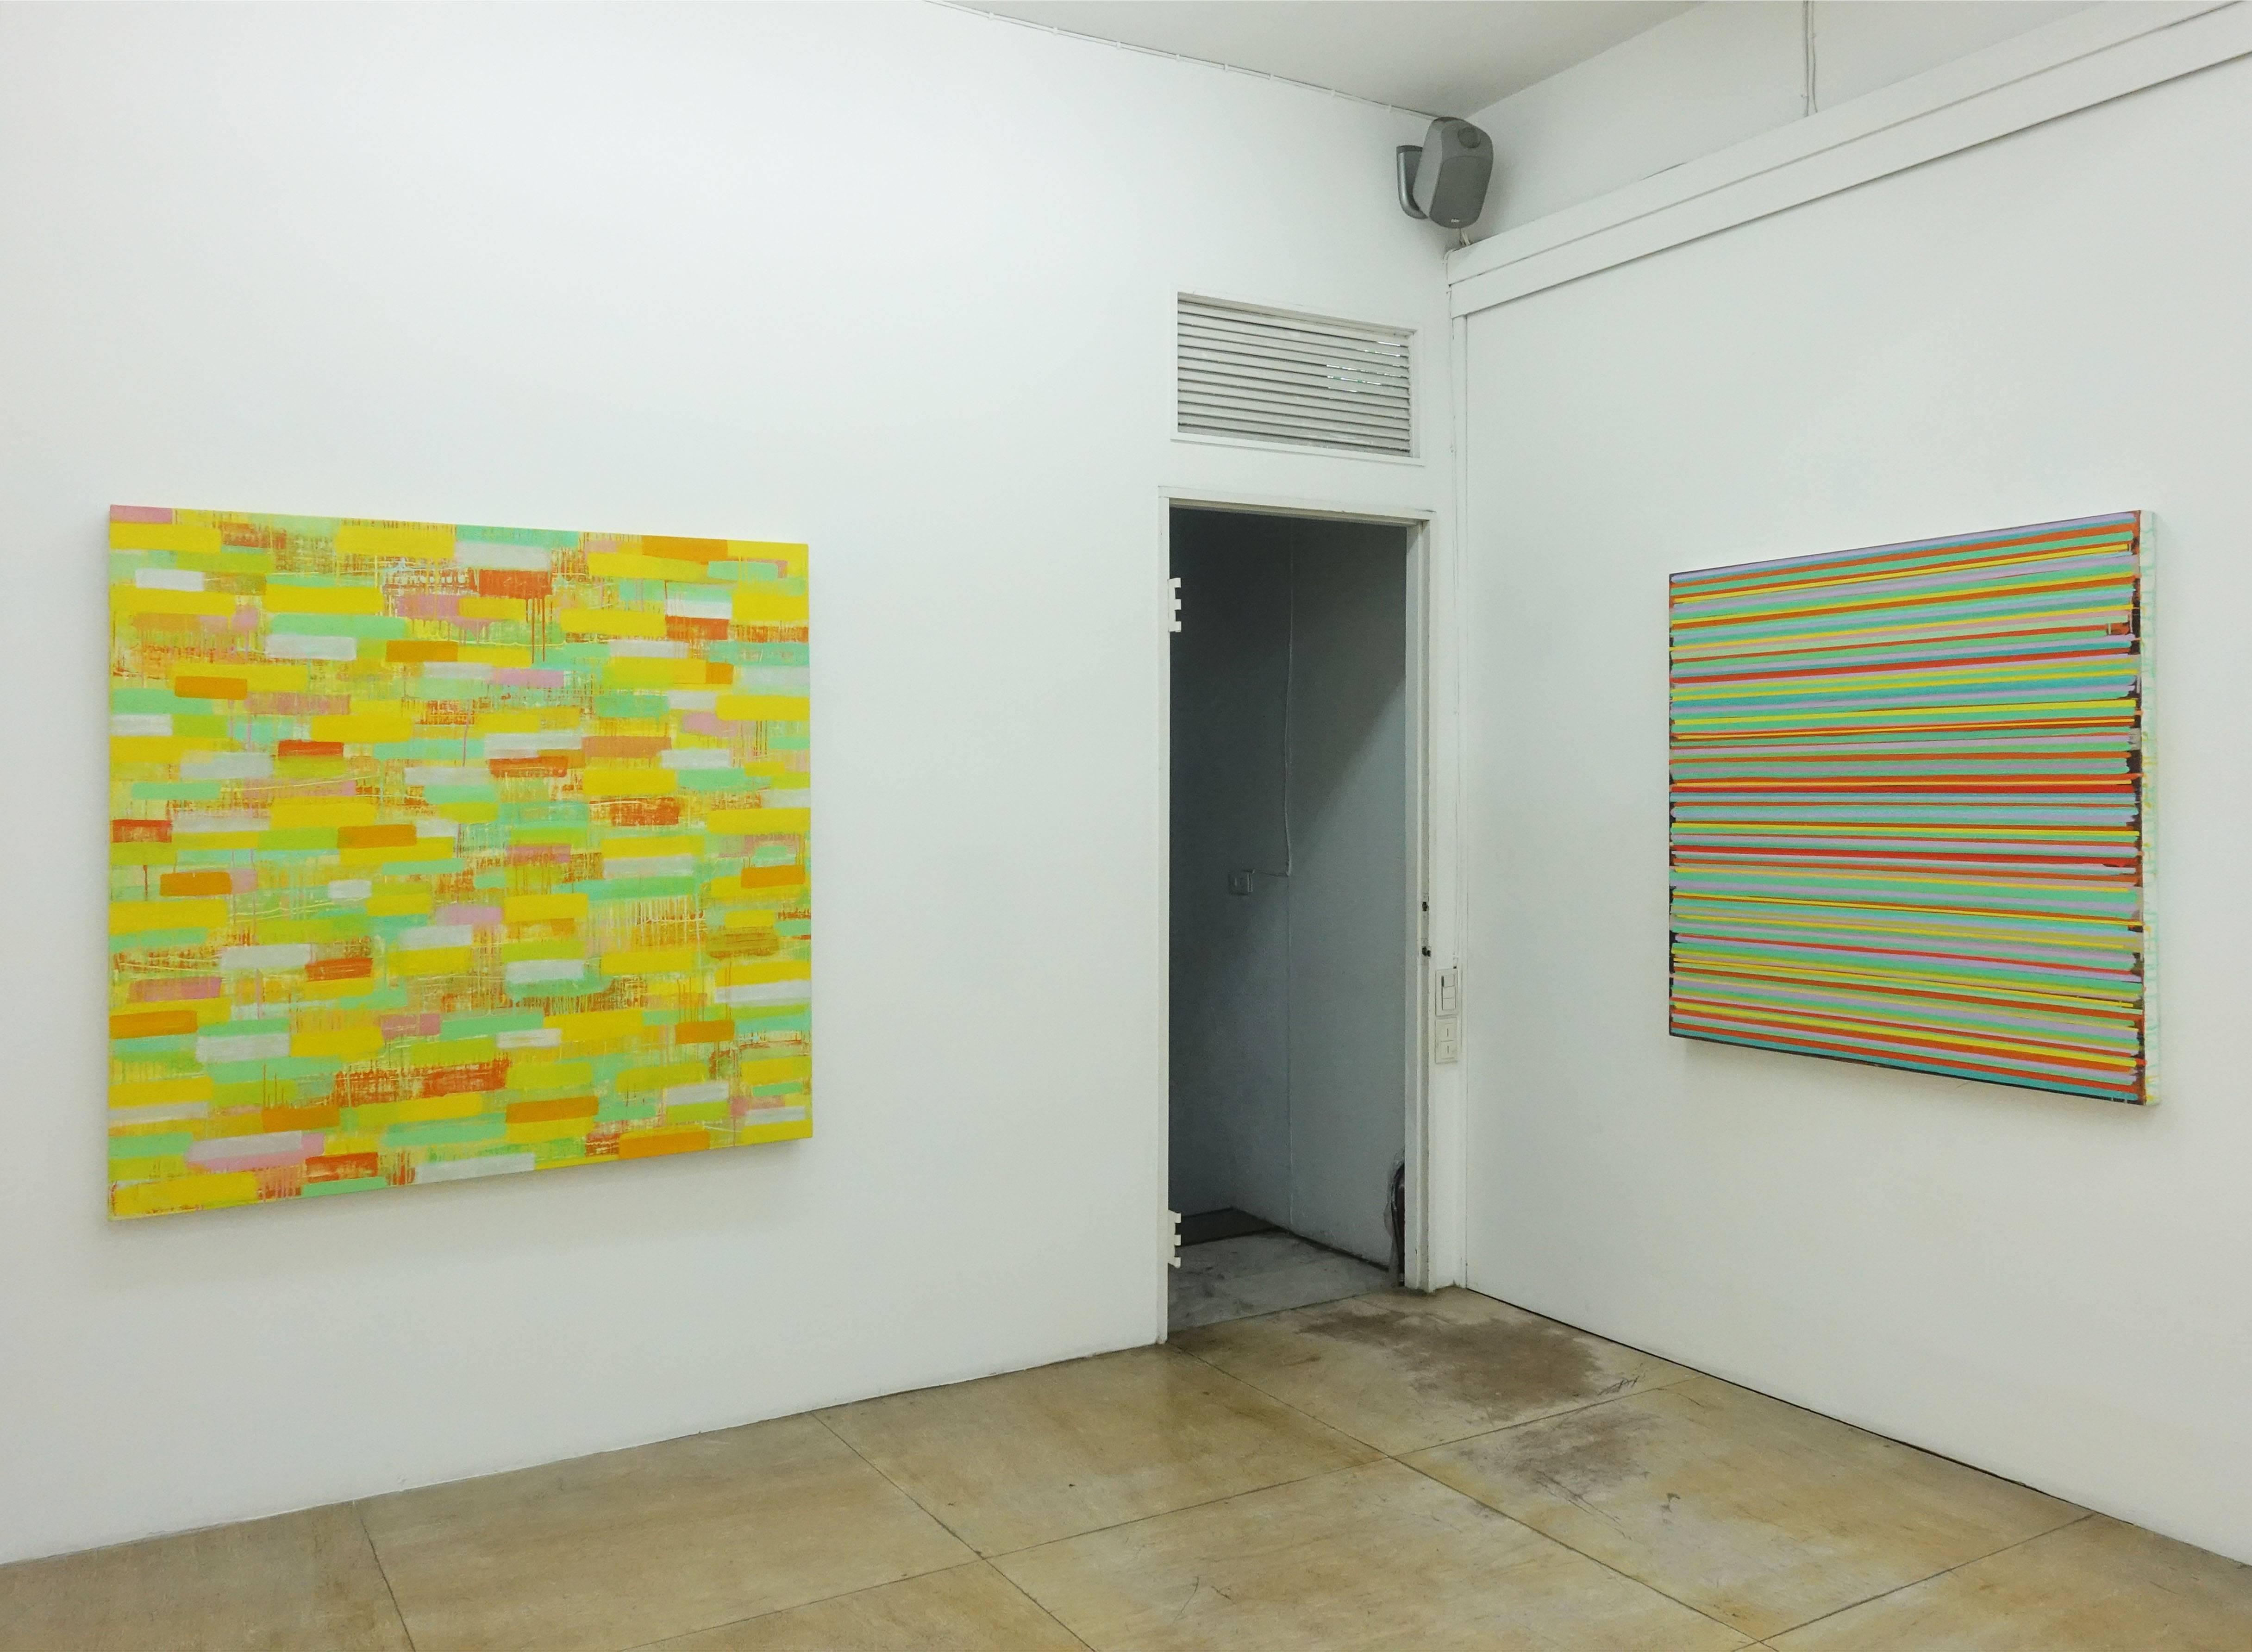 紀嘉華作品於伊通公園現場展出。